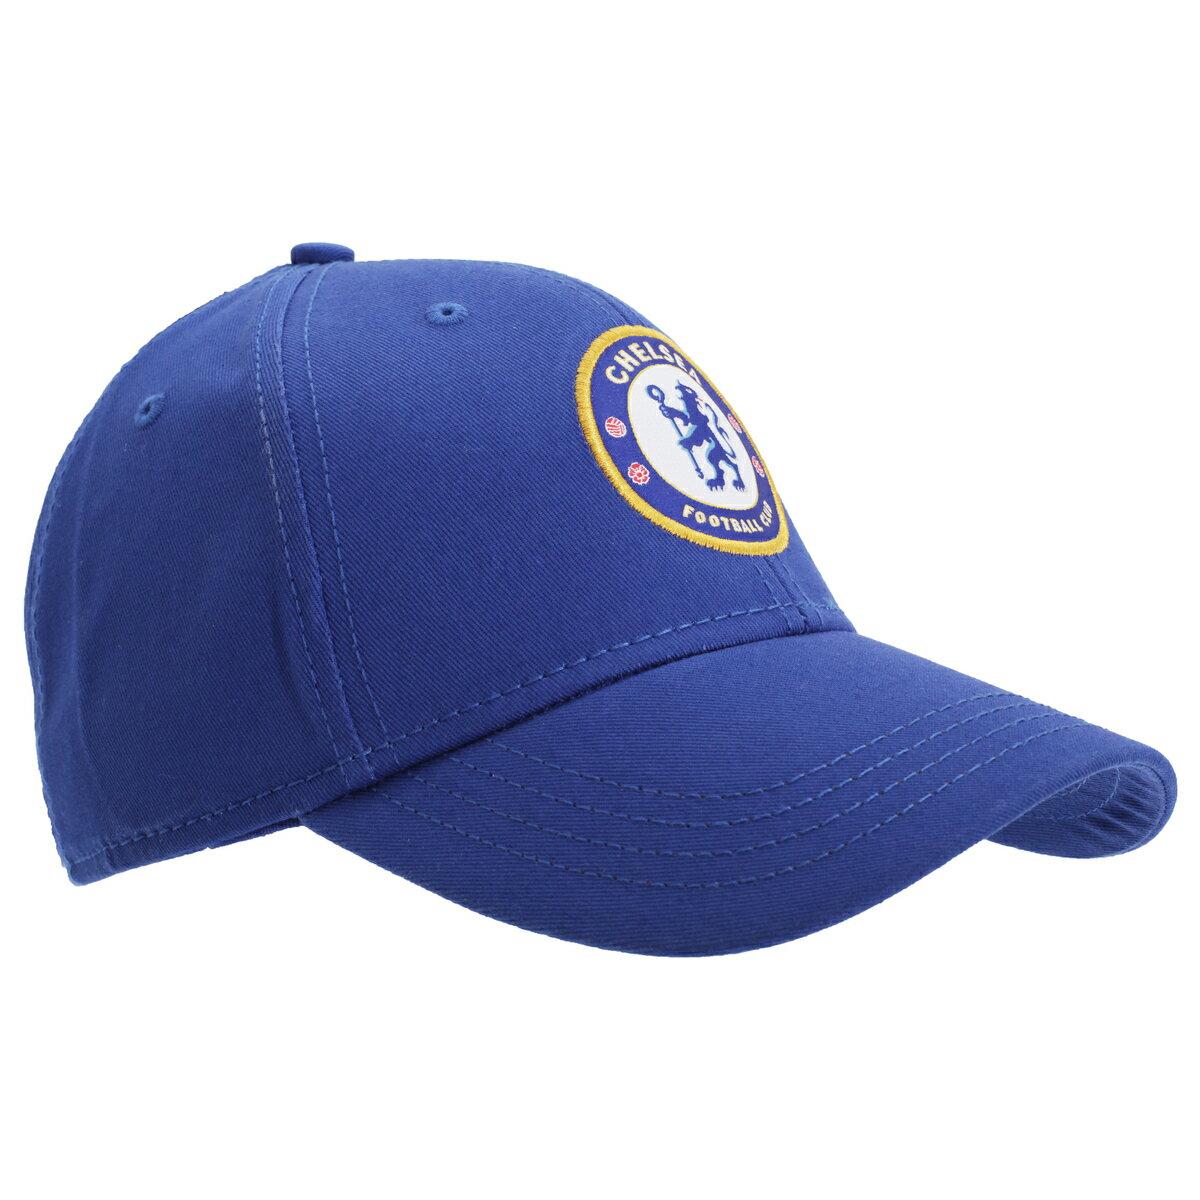 チェルシー フットボールクラブ Chelsea FC オフィシャル商品 ユニセックス クレストデザイン キャップ 帽子 【楽天海外直送】